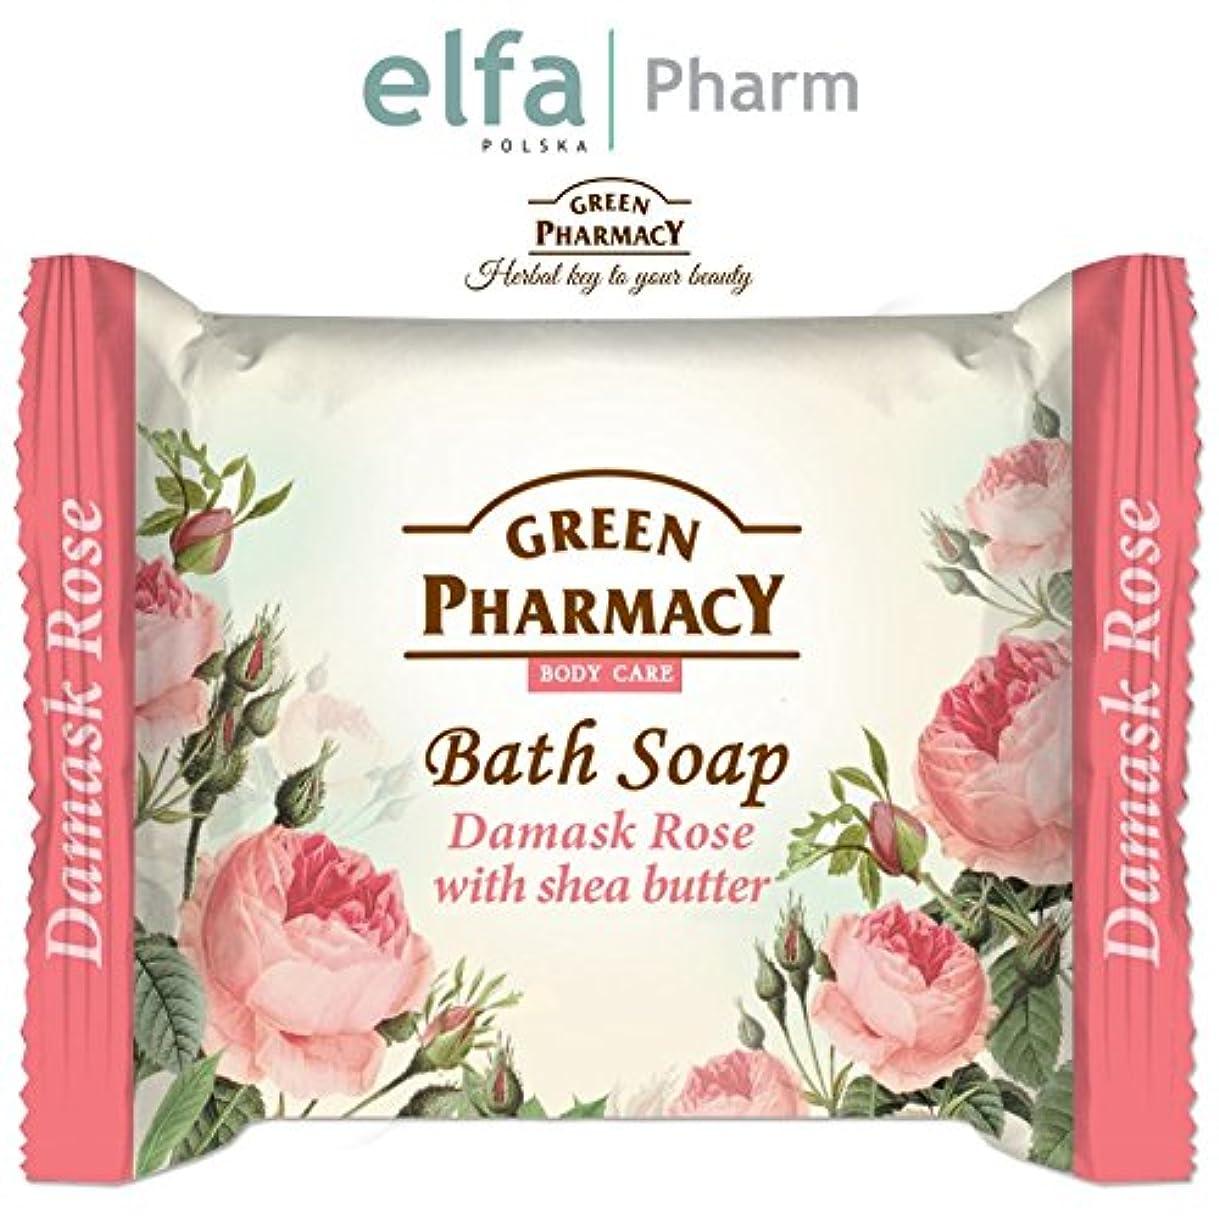 モードクレタ送信する石鹸 固形 安心?安全 古代からのハーブの知識を生かして作られた固形せっけん ポーランドのグリーンファーマシー elfa Pharm Green Pharmacy Bath Soap Damask Rose with Shea...